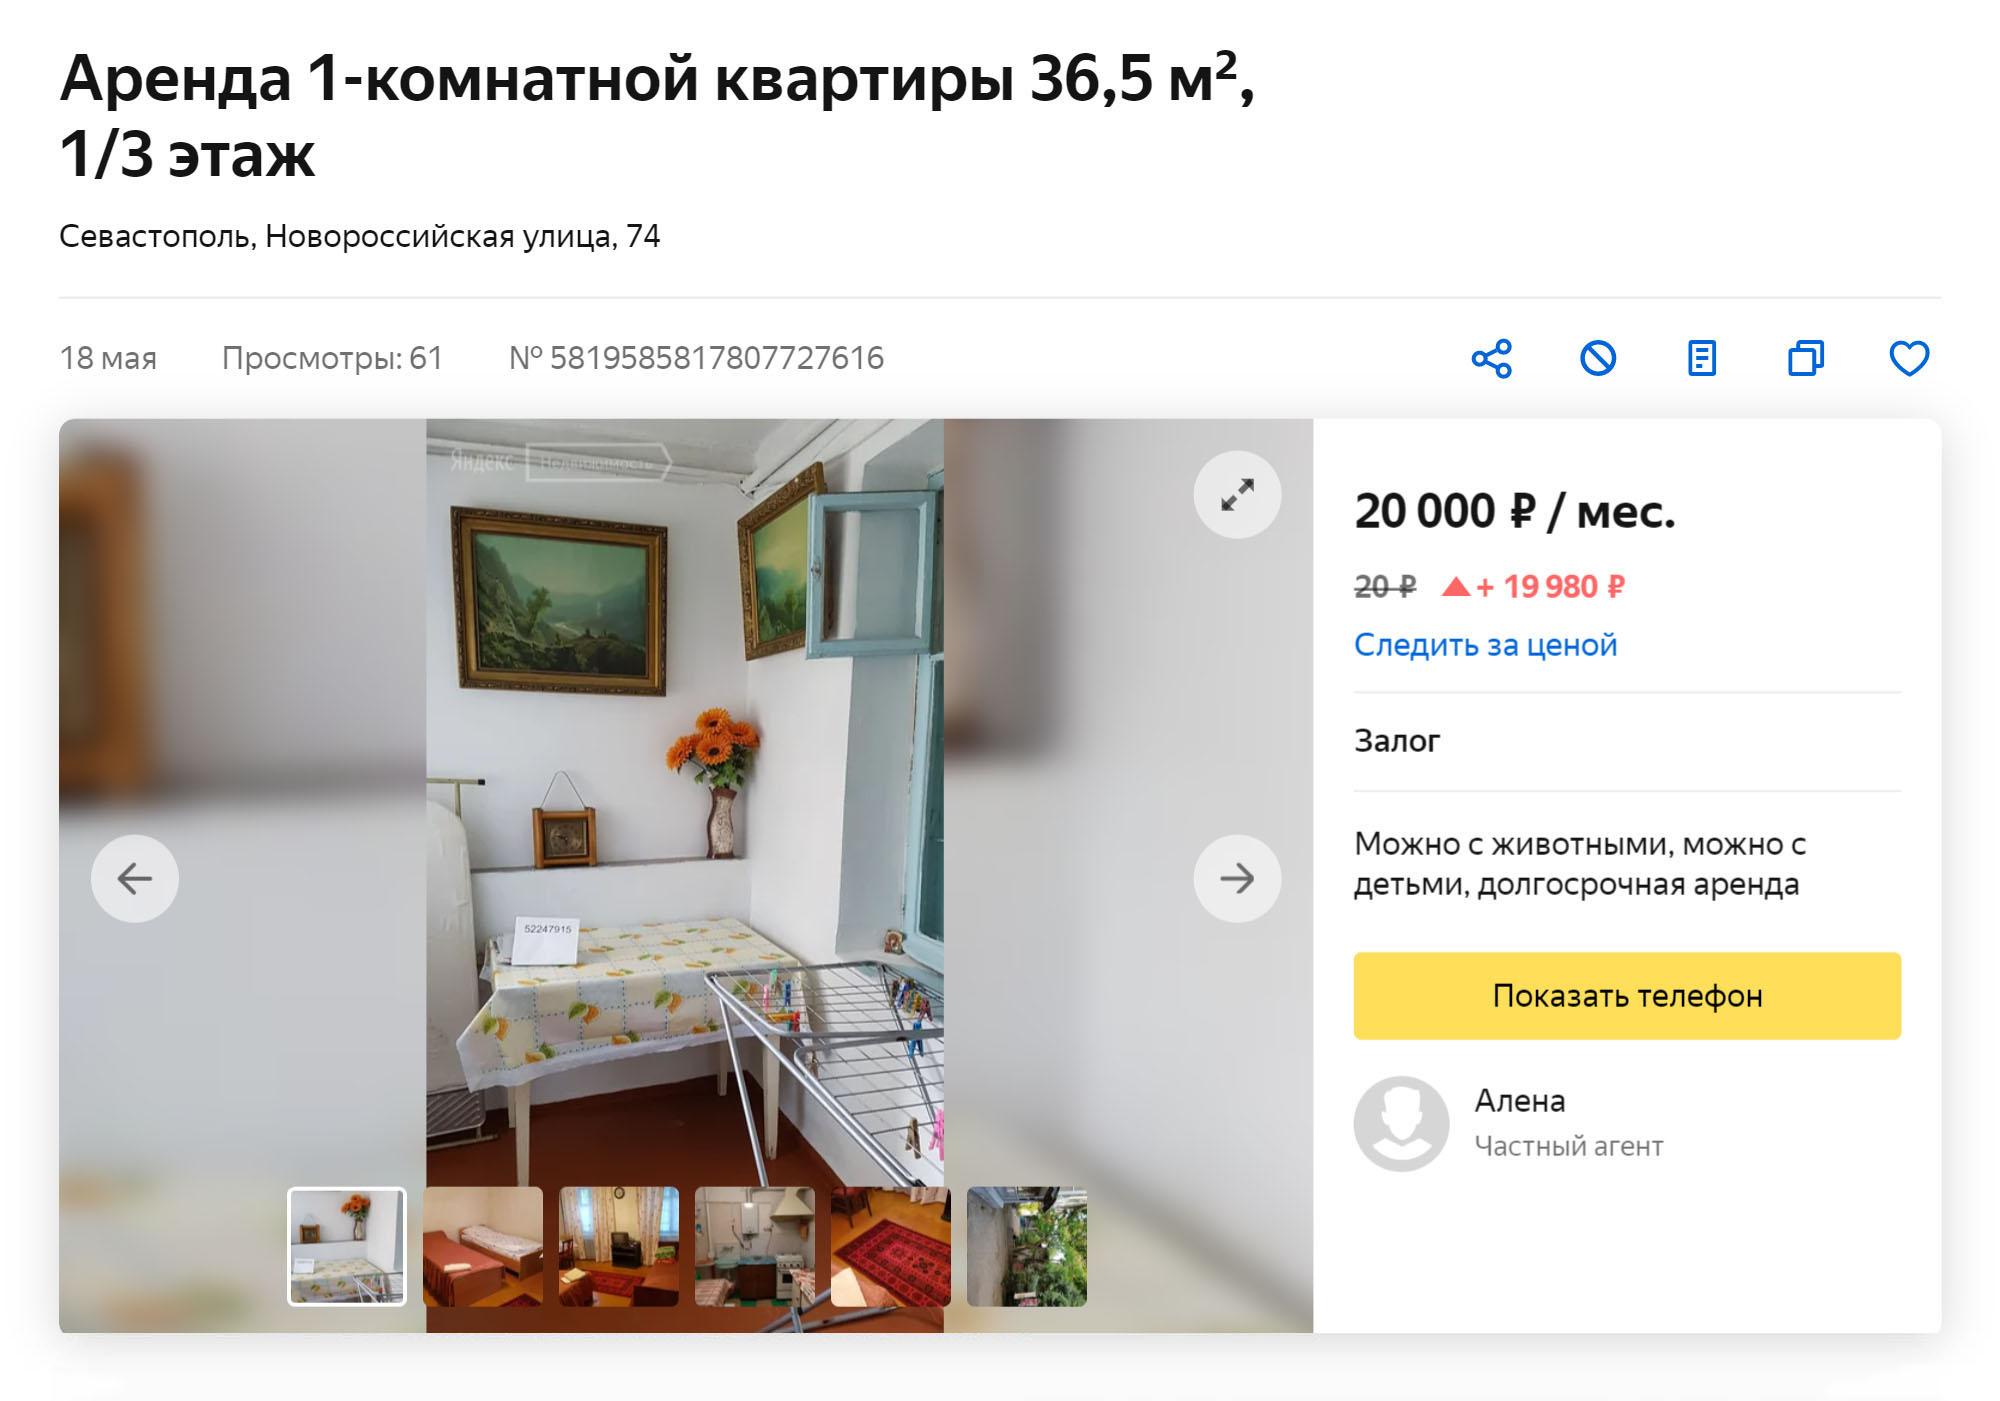 Аренда квартиры в Ленинском районе — 20 тысяч в месяц